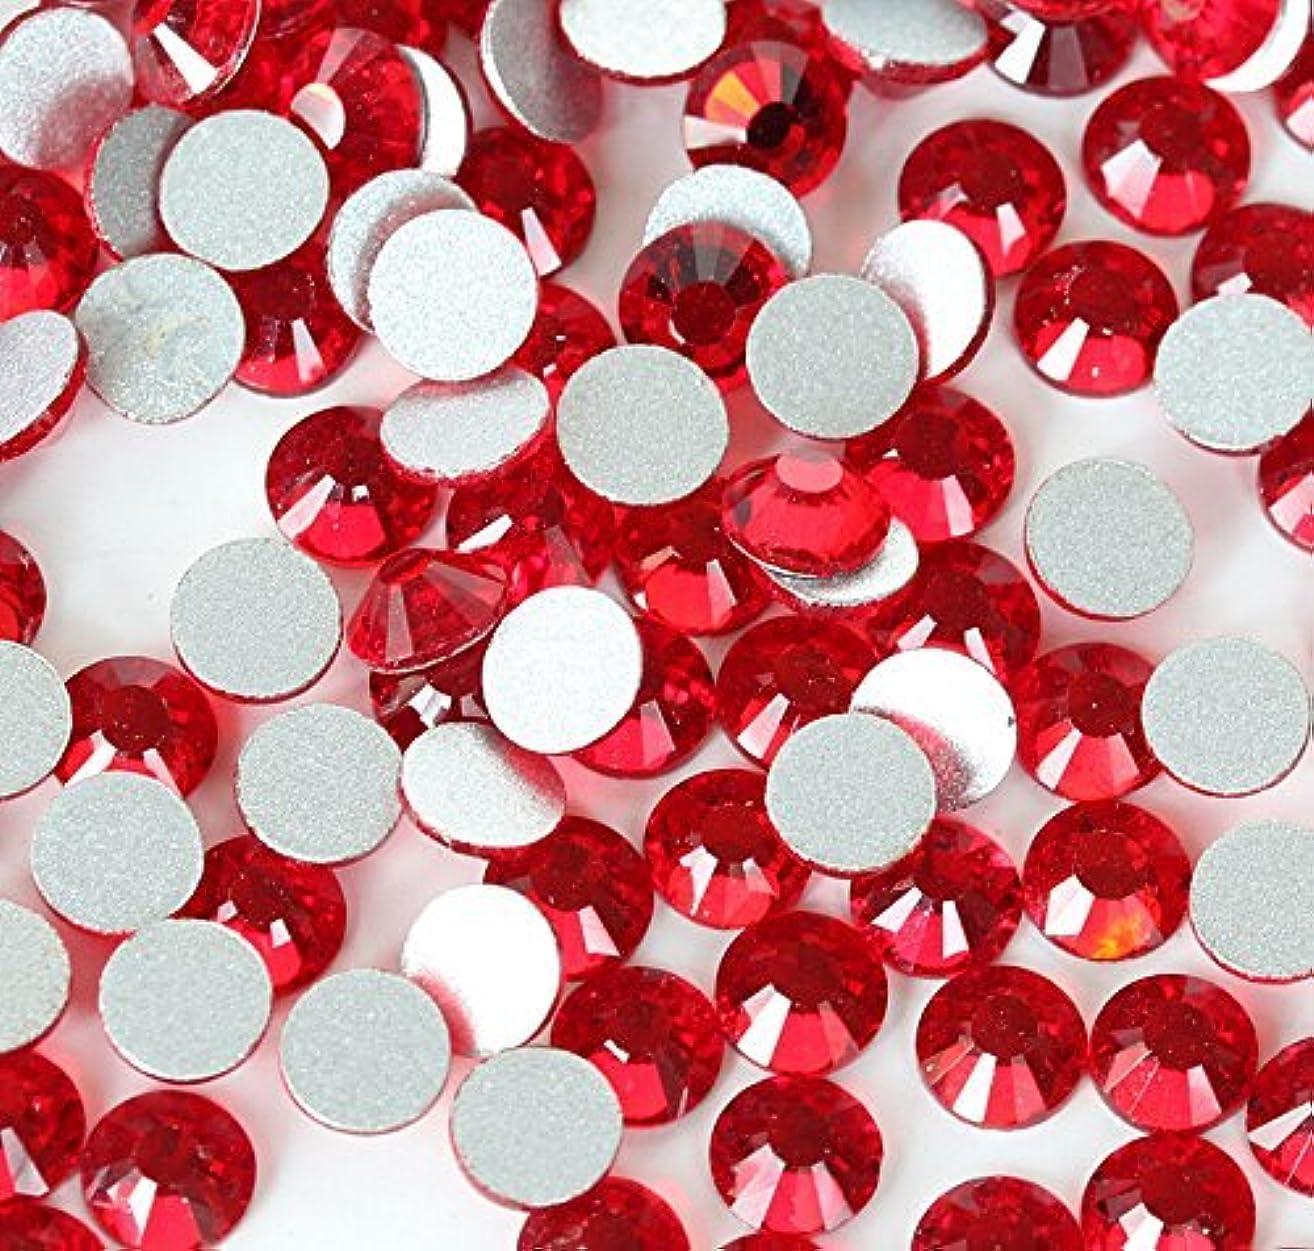 支配する松の木影響を受けやすいですレイトシャム ガラス製ラインストーン ネイル デコ レジンに (4.0mm (SS16) 約1440粒) [並行輸入品]